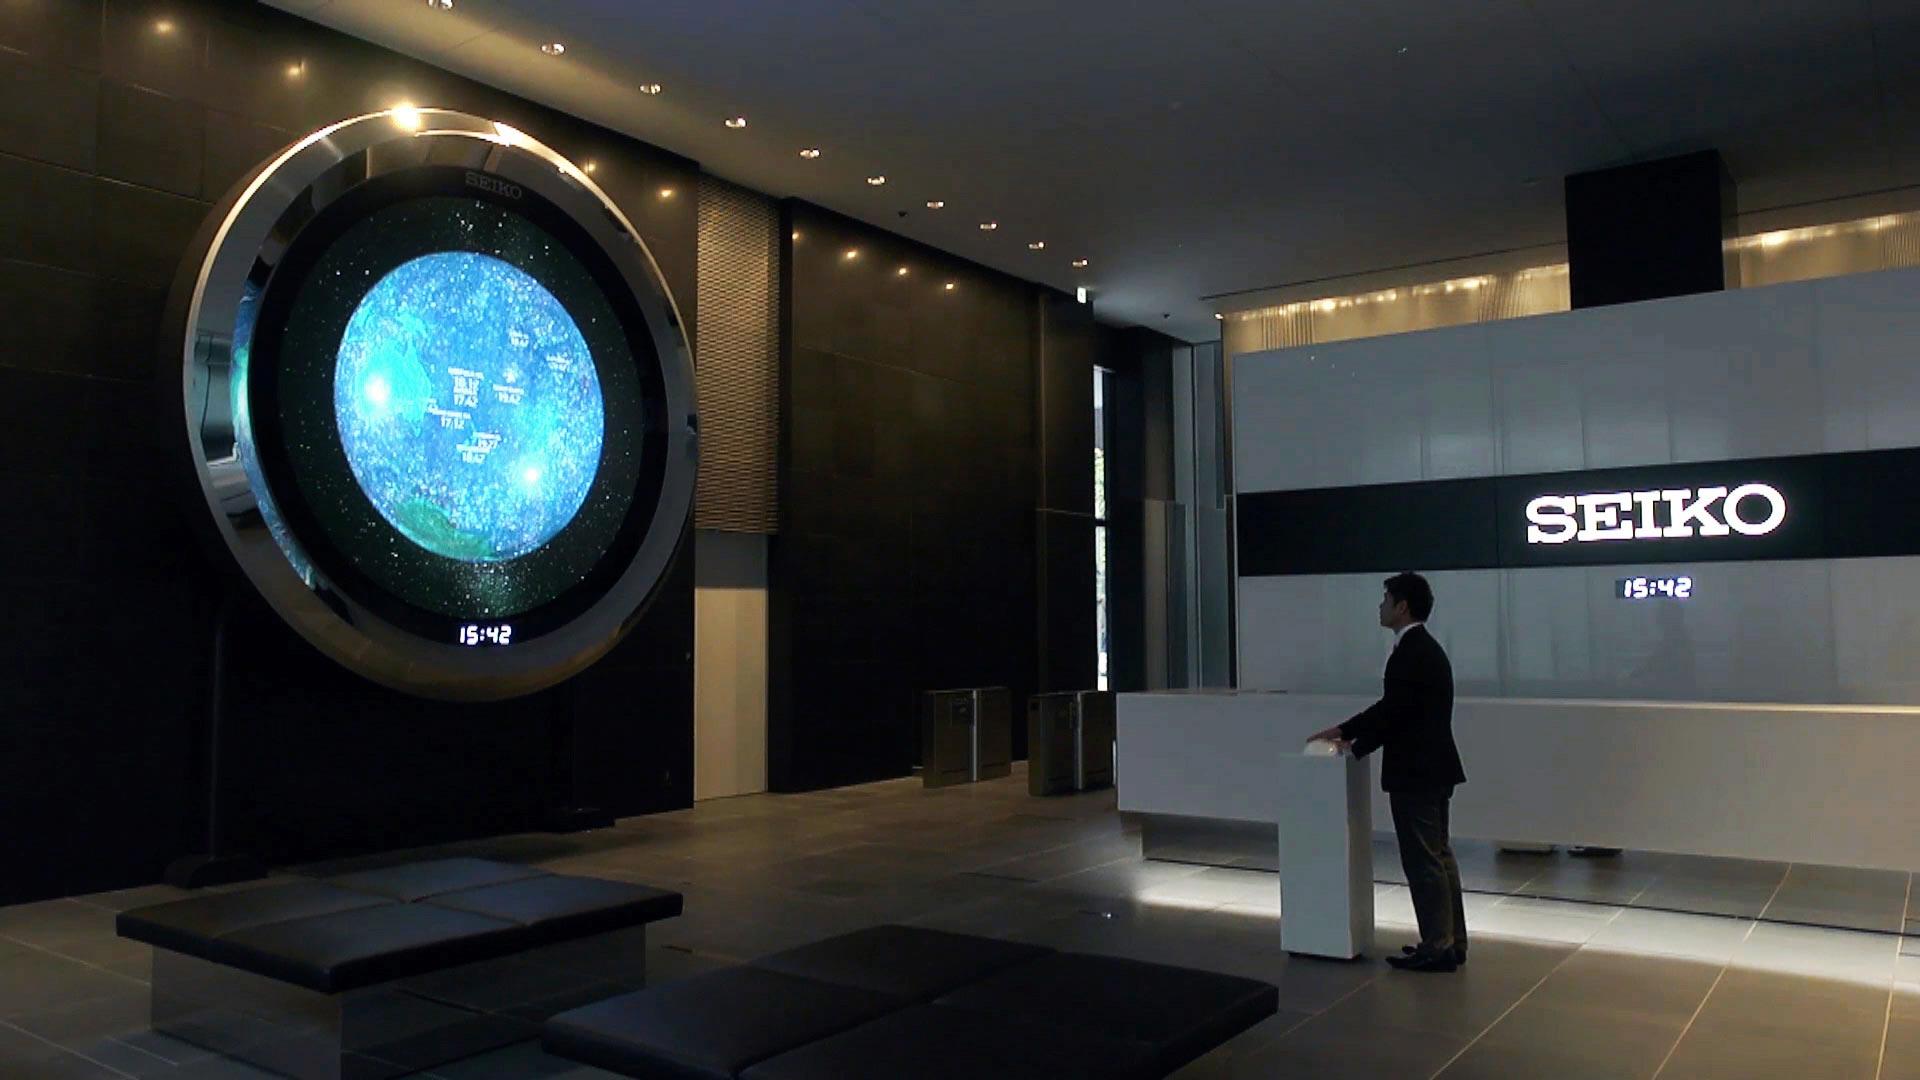 SEIKO 世界時計「Seiko Space Eye」